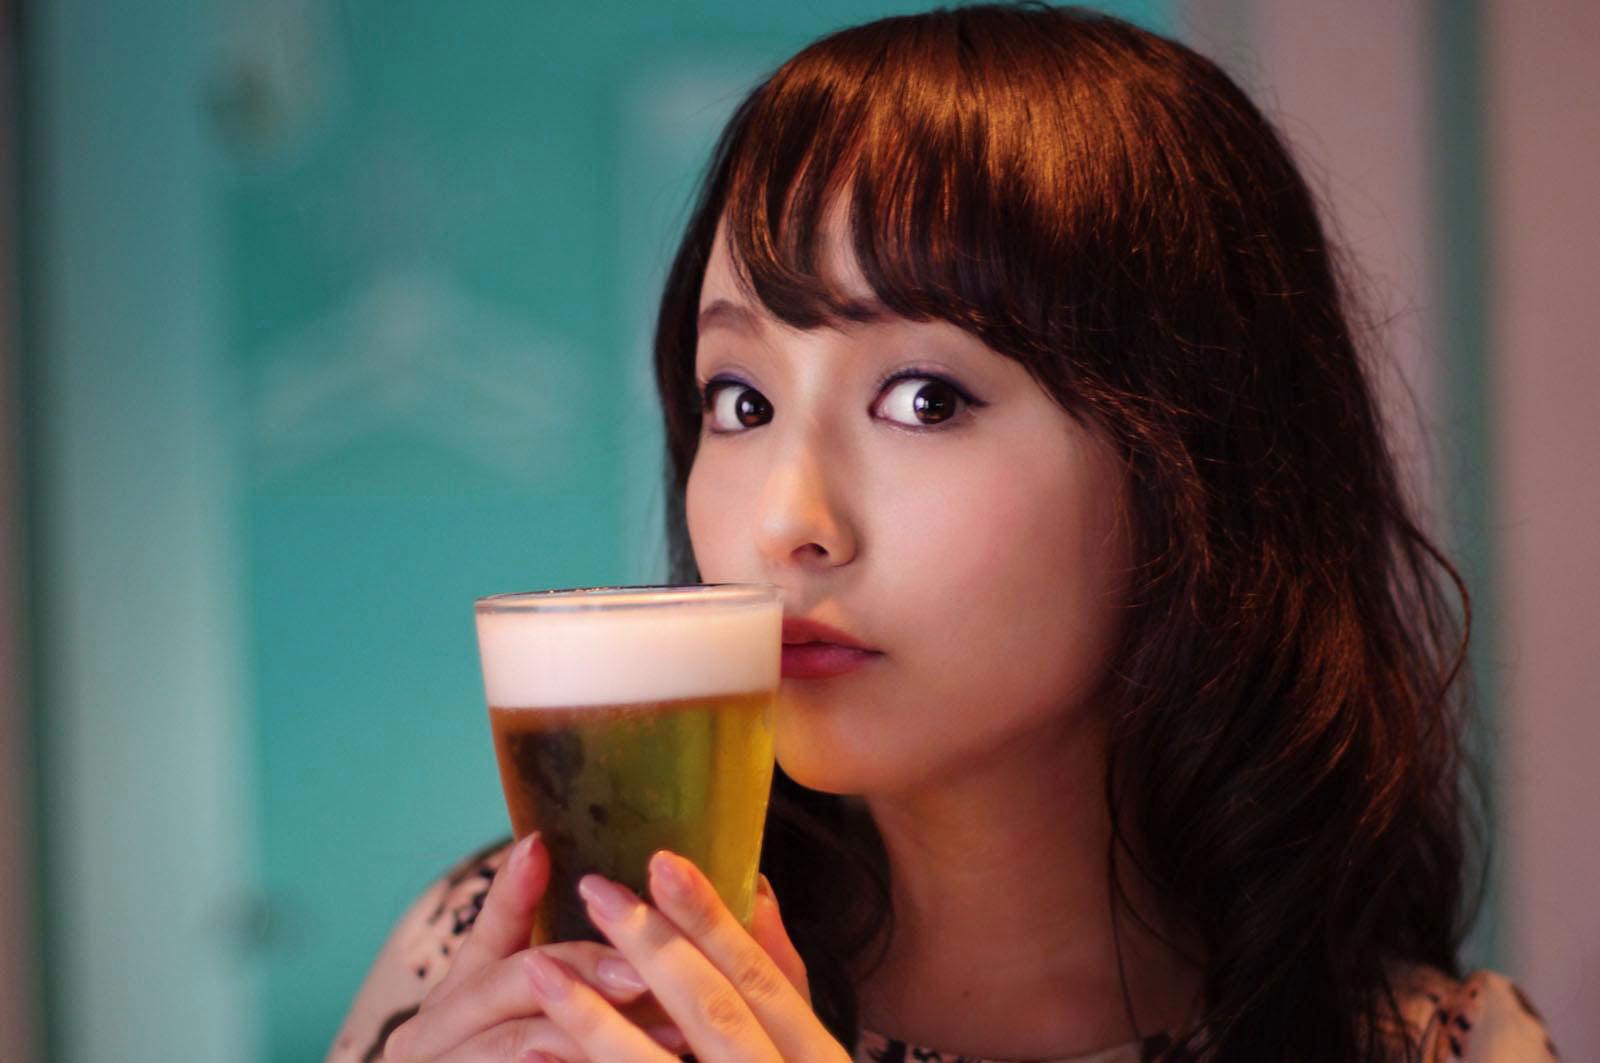 美人×麦酒 奈津美さん